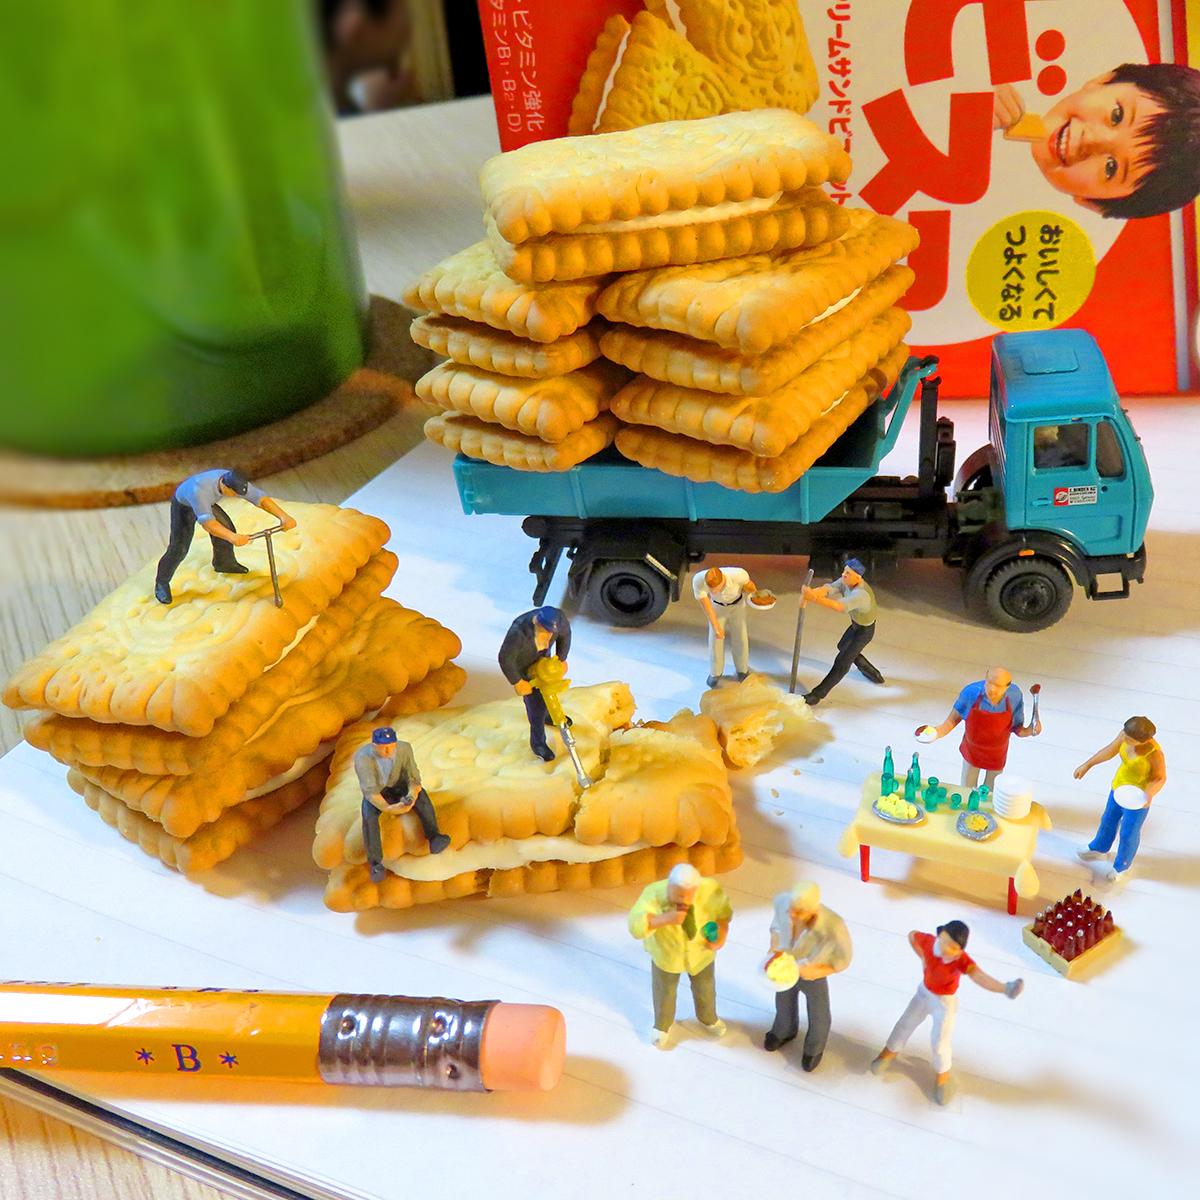 7月1日はビスコパーティー!ビスコを運ぶトラックと砕く作業員と食べる人達